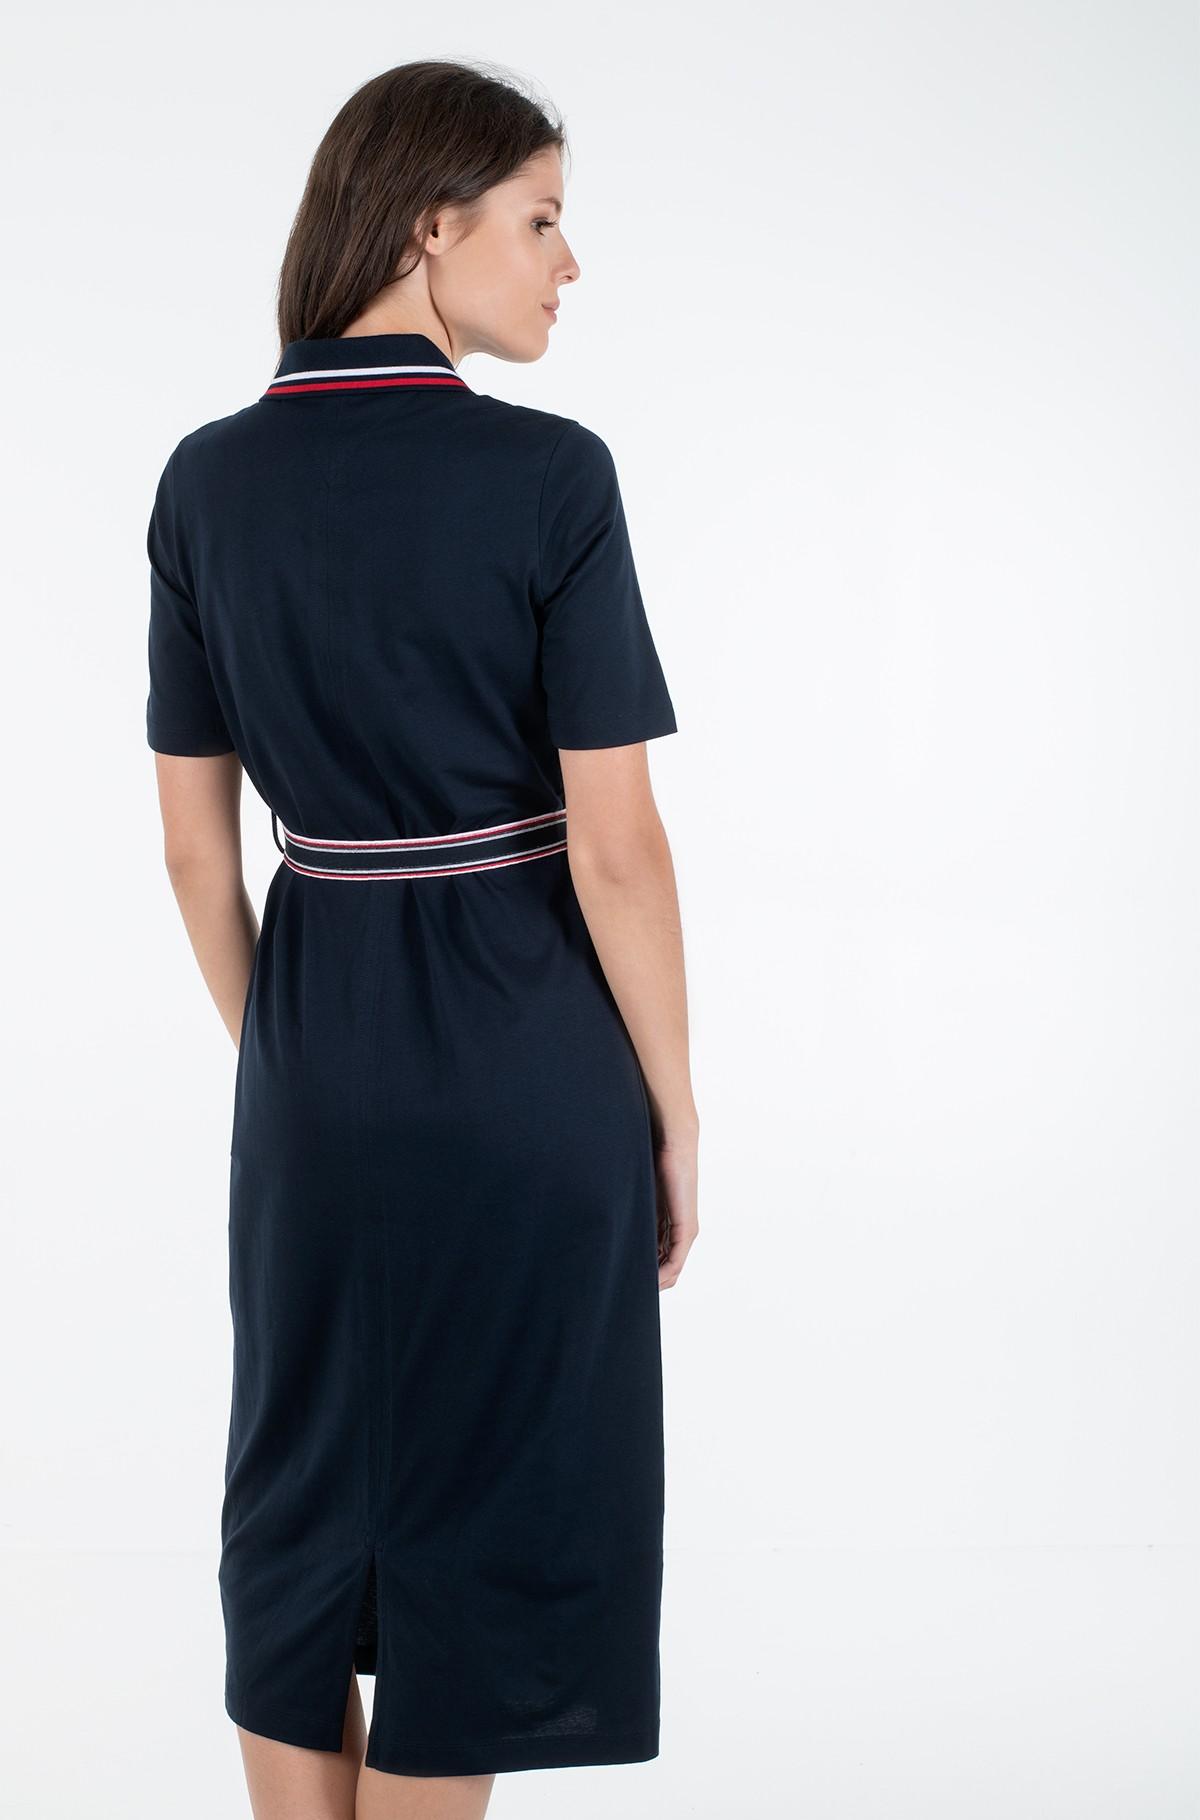 Polokleit BRENNA REG POLO DRESS 1/2 SLV-full-2